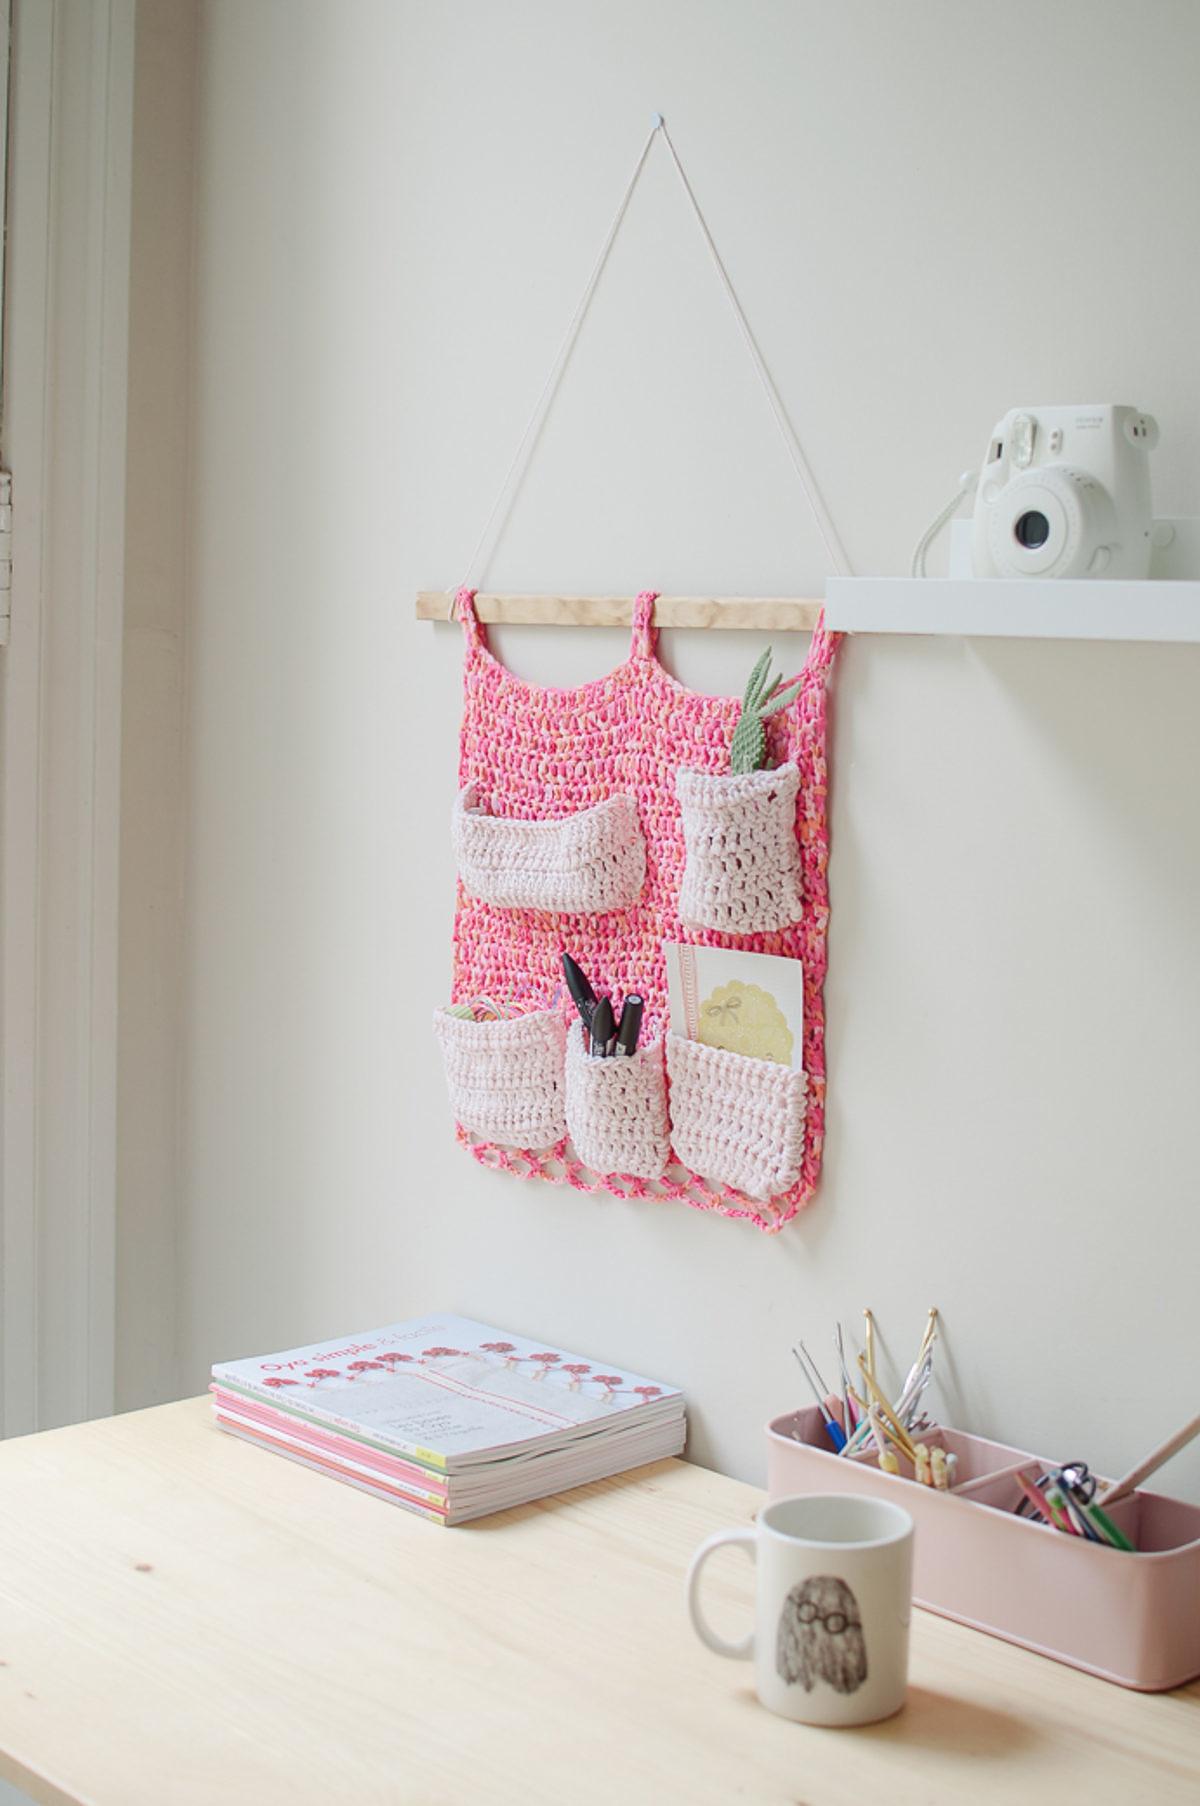 rangement mural crochet